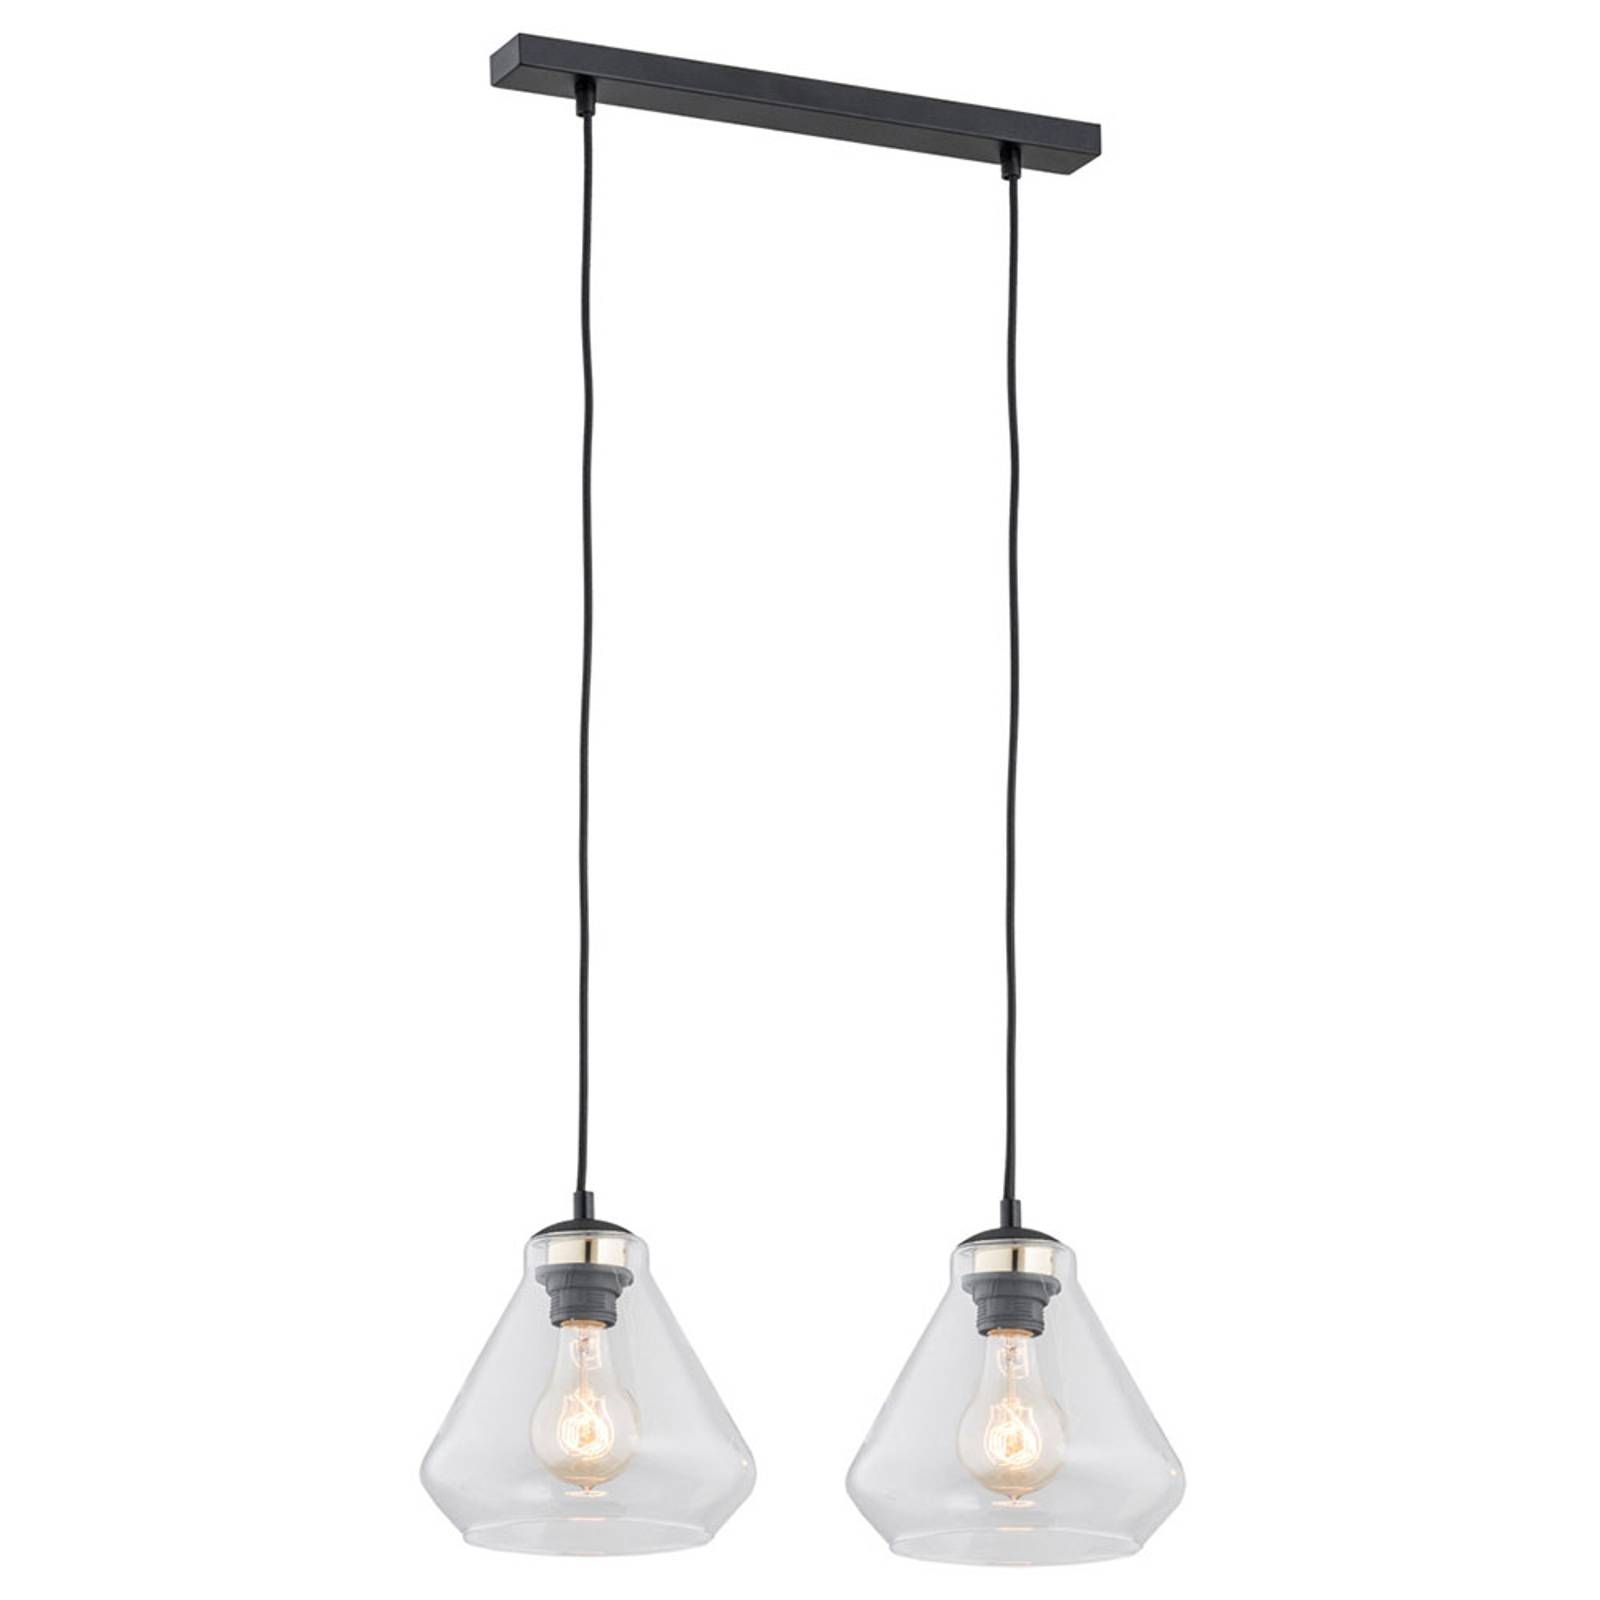 Riippuvalo Destin, 2-lamppuinen, kirkas/musta